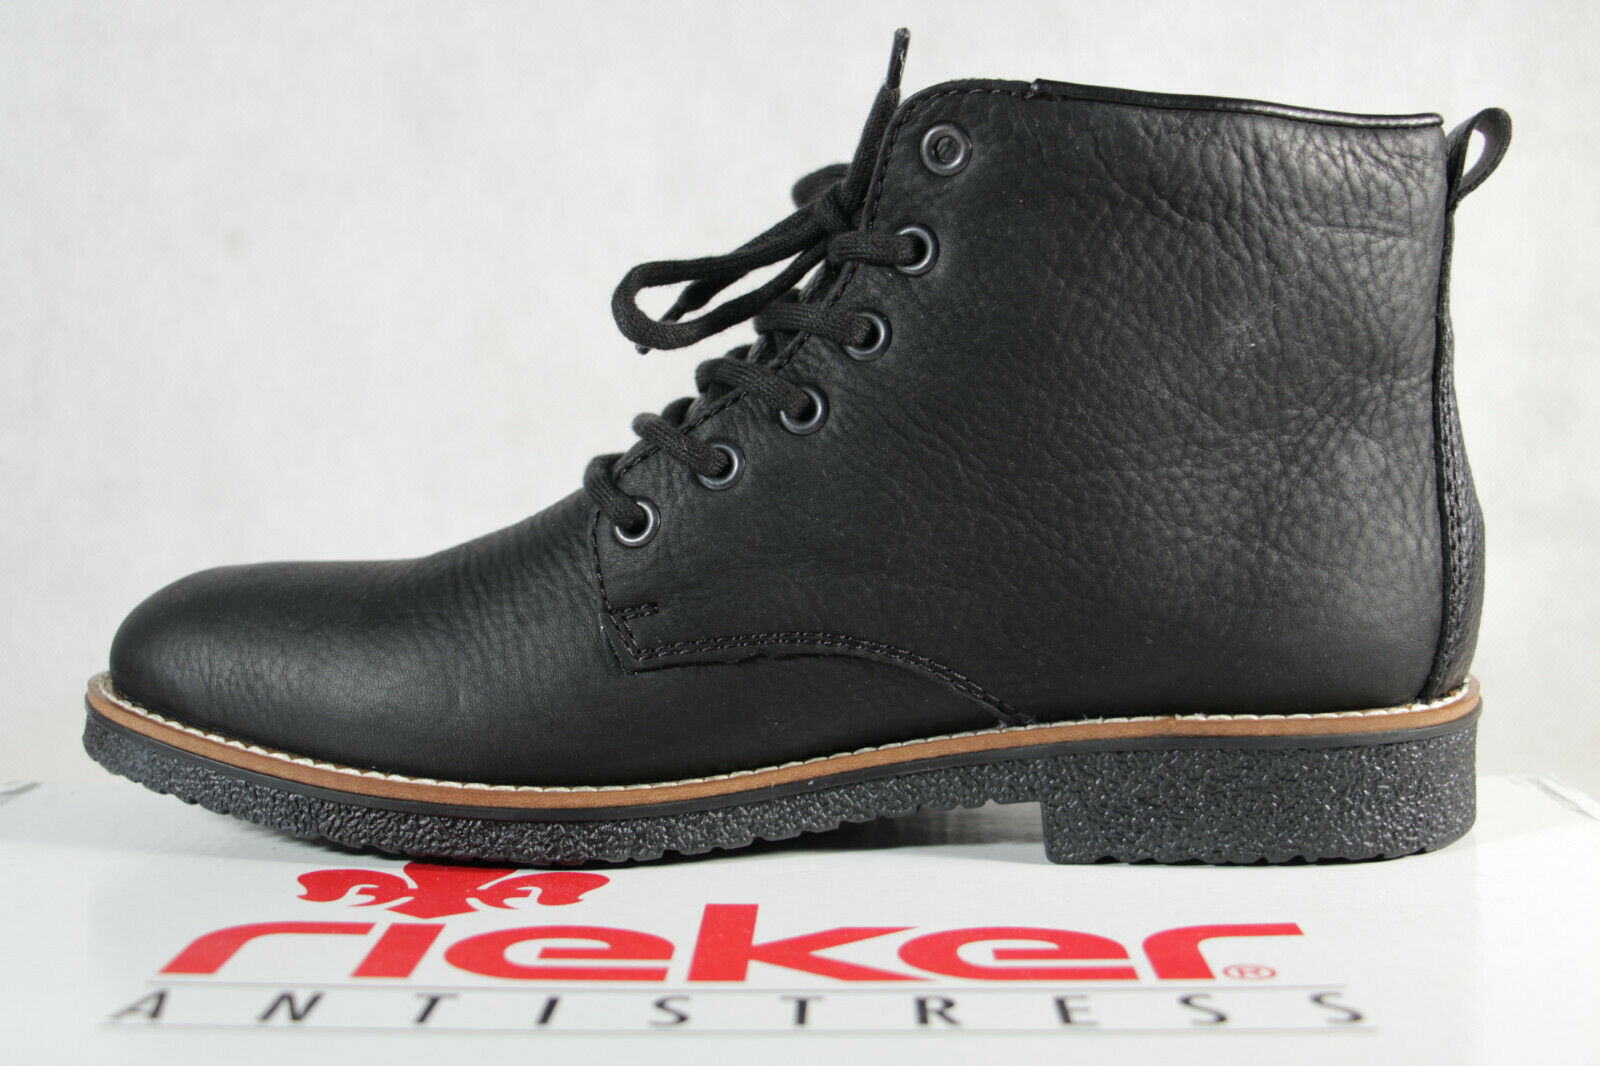 Rieker 33641 Herren Schnürstiefel Stiefel Stiefelette Boots mjRZq